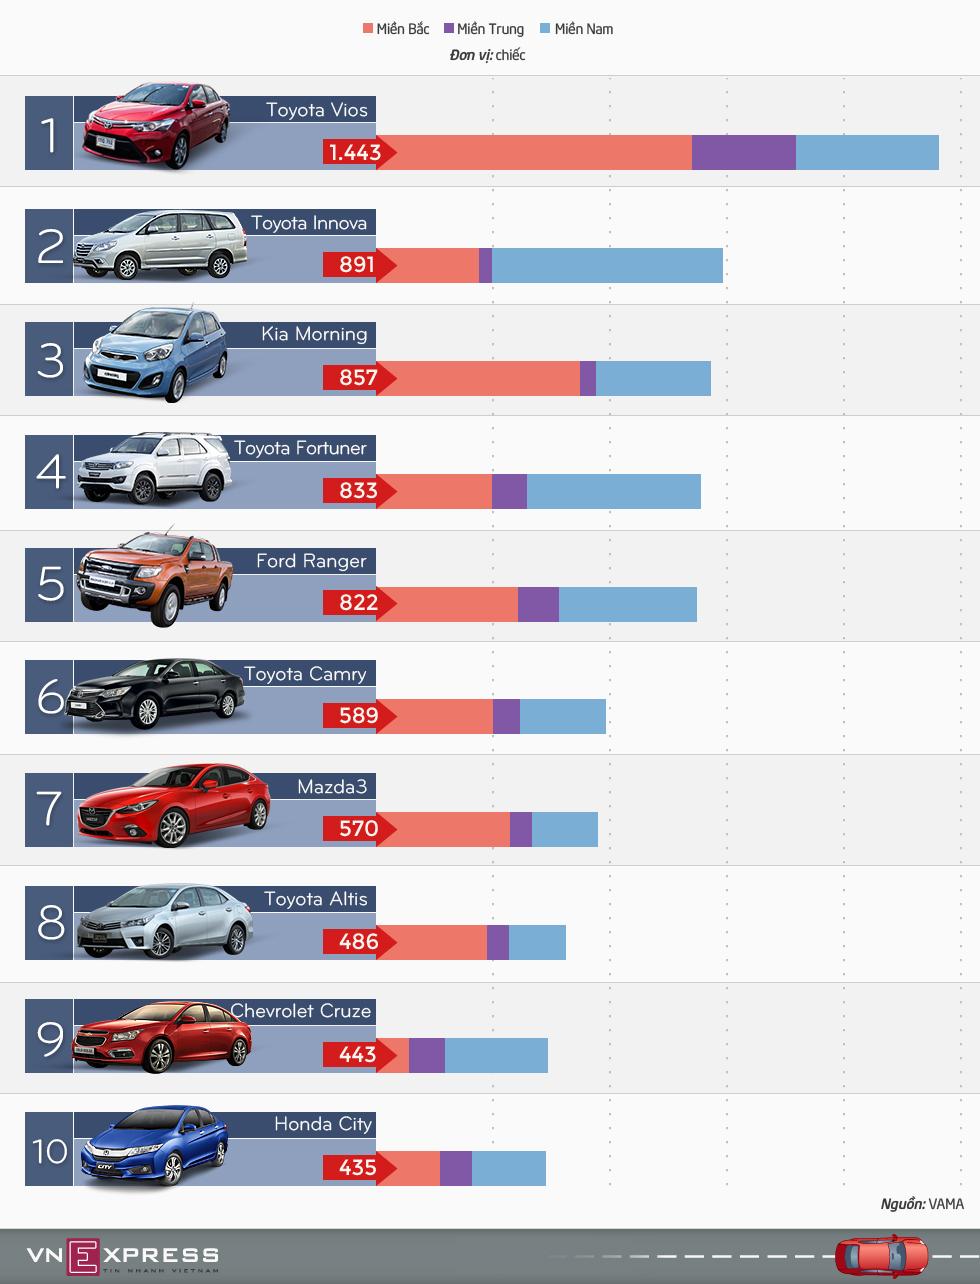 Những mẫu xe bán chạy nhất Việt Nam tháng 9